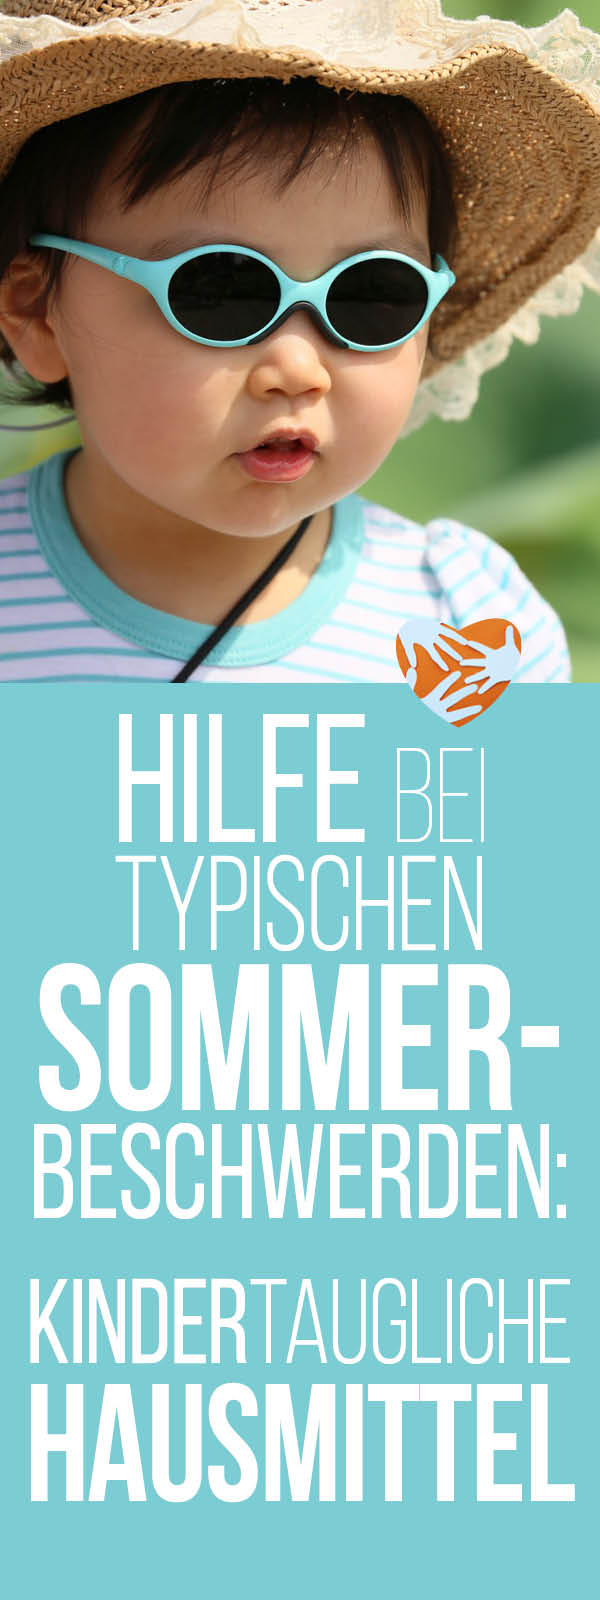 Hilfe bei typischen Sommerbeschwerden: Kindertaugliche Hausmittel: Insektenstiche, Kreislaufprobleme, Sonnenbrand, Sonnenallergie, Venen | Homöopathie